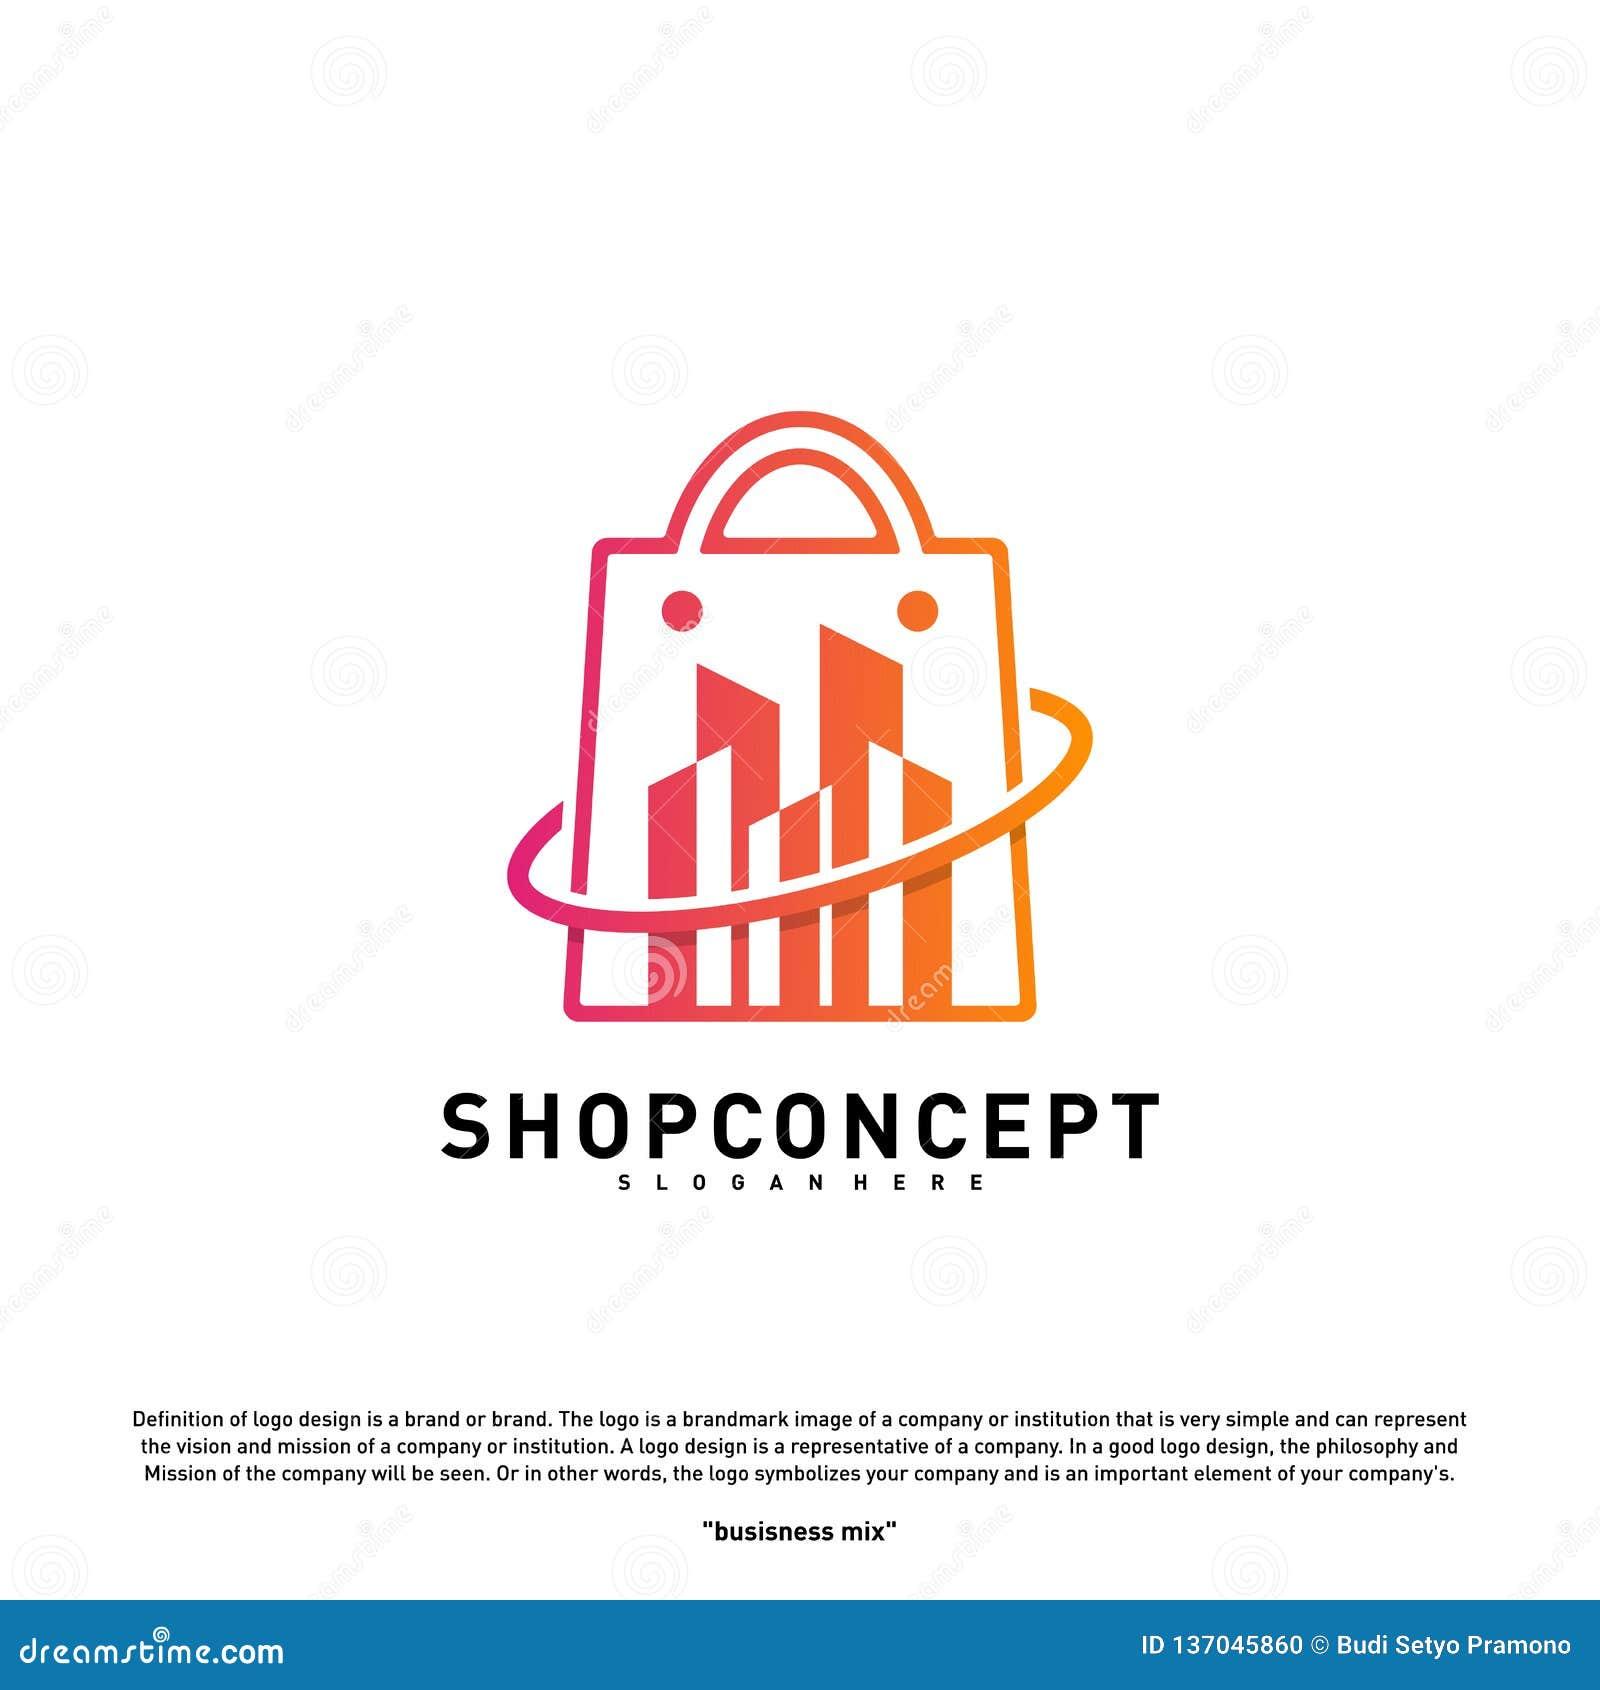 Collection Of Nice Logos For Spa: Beauty Shoplogo: Fashion City Logo Concept Vector